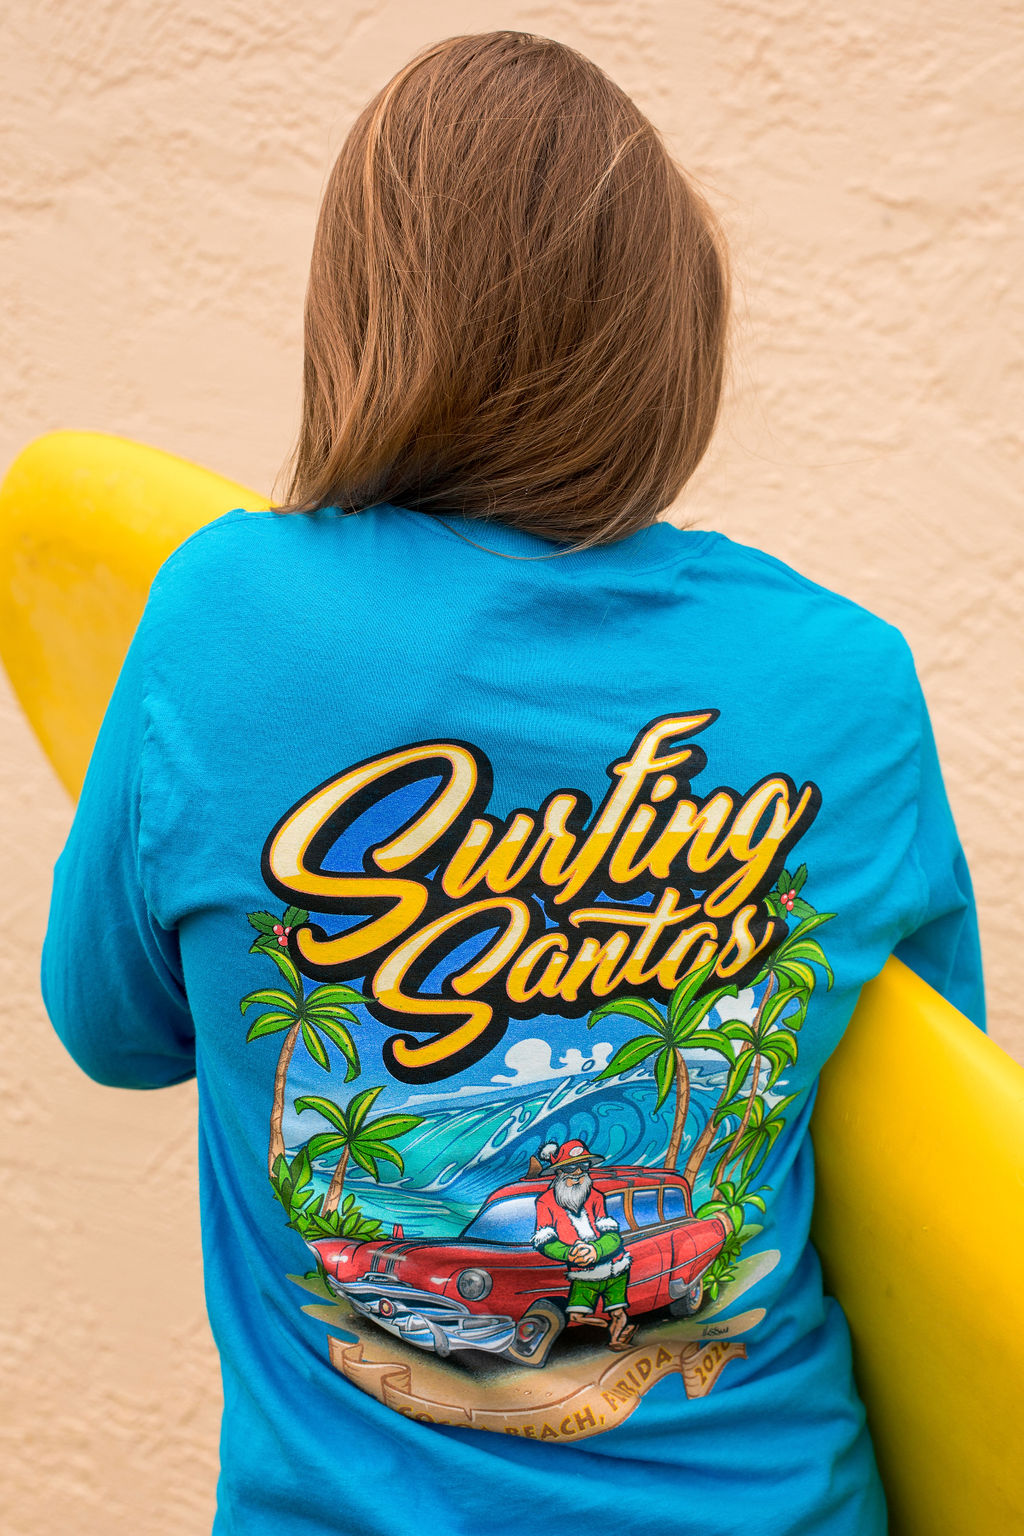 Surfing Santas 2020 Shirts